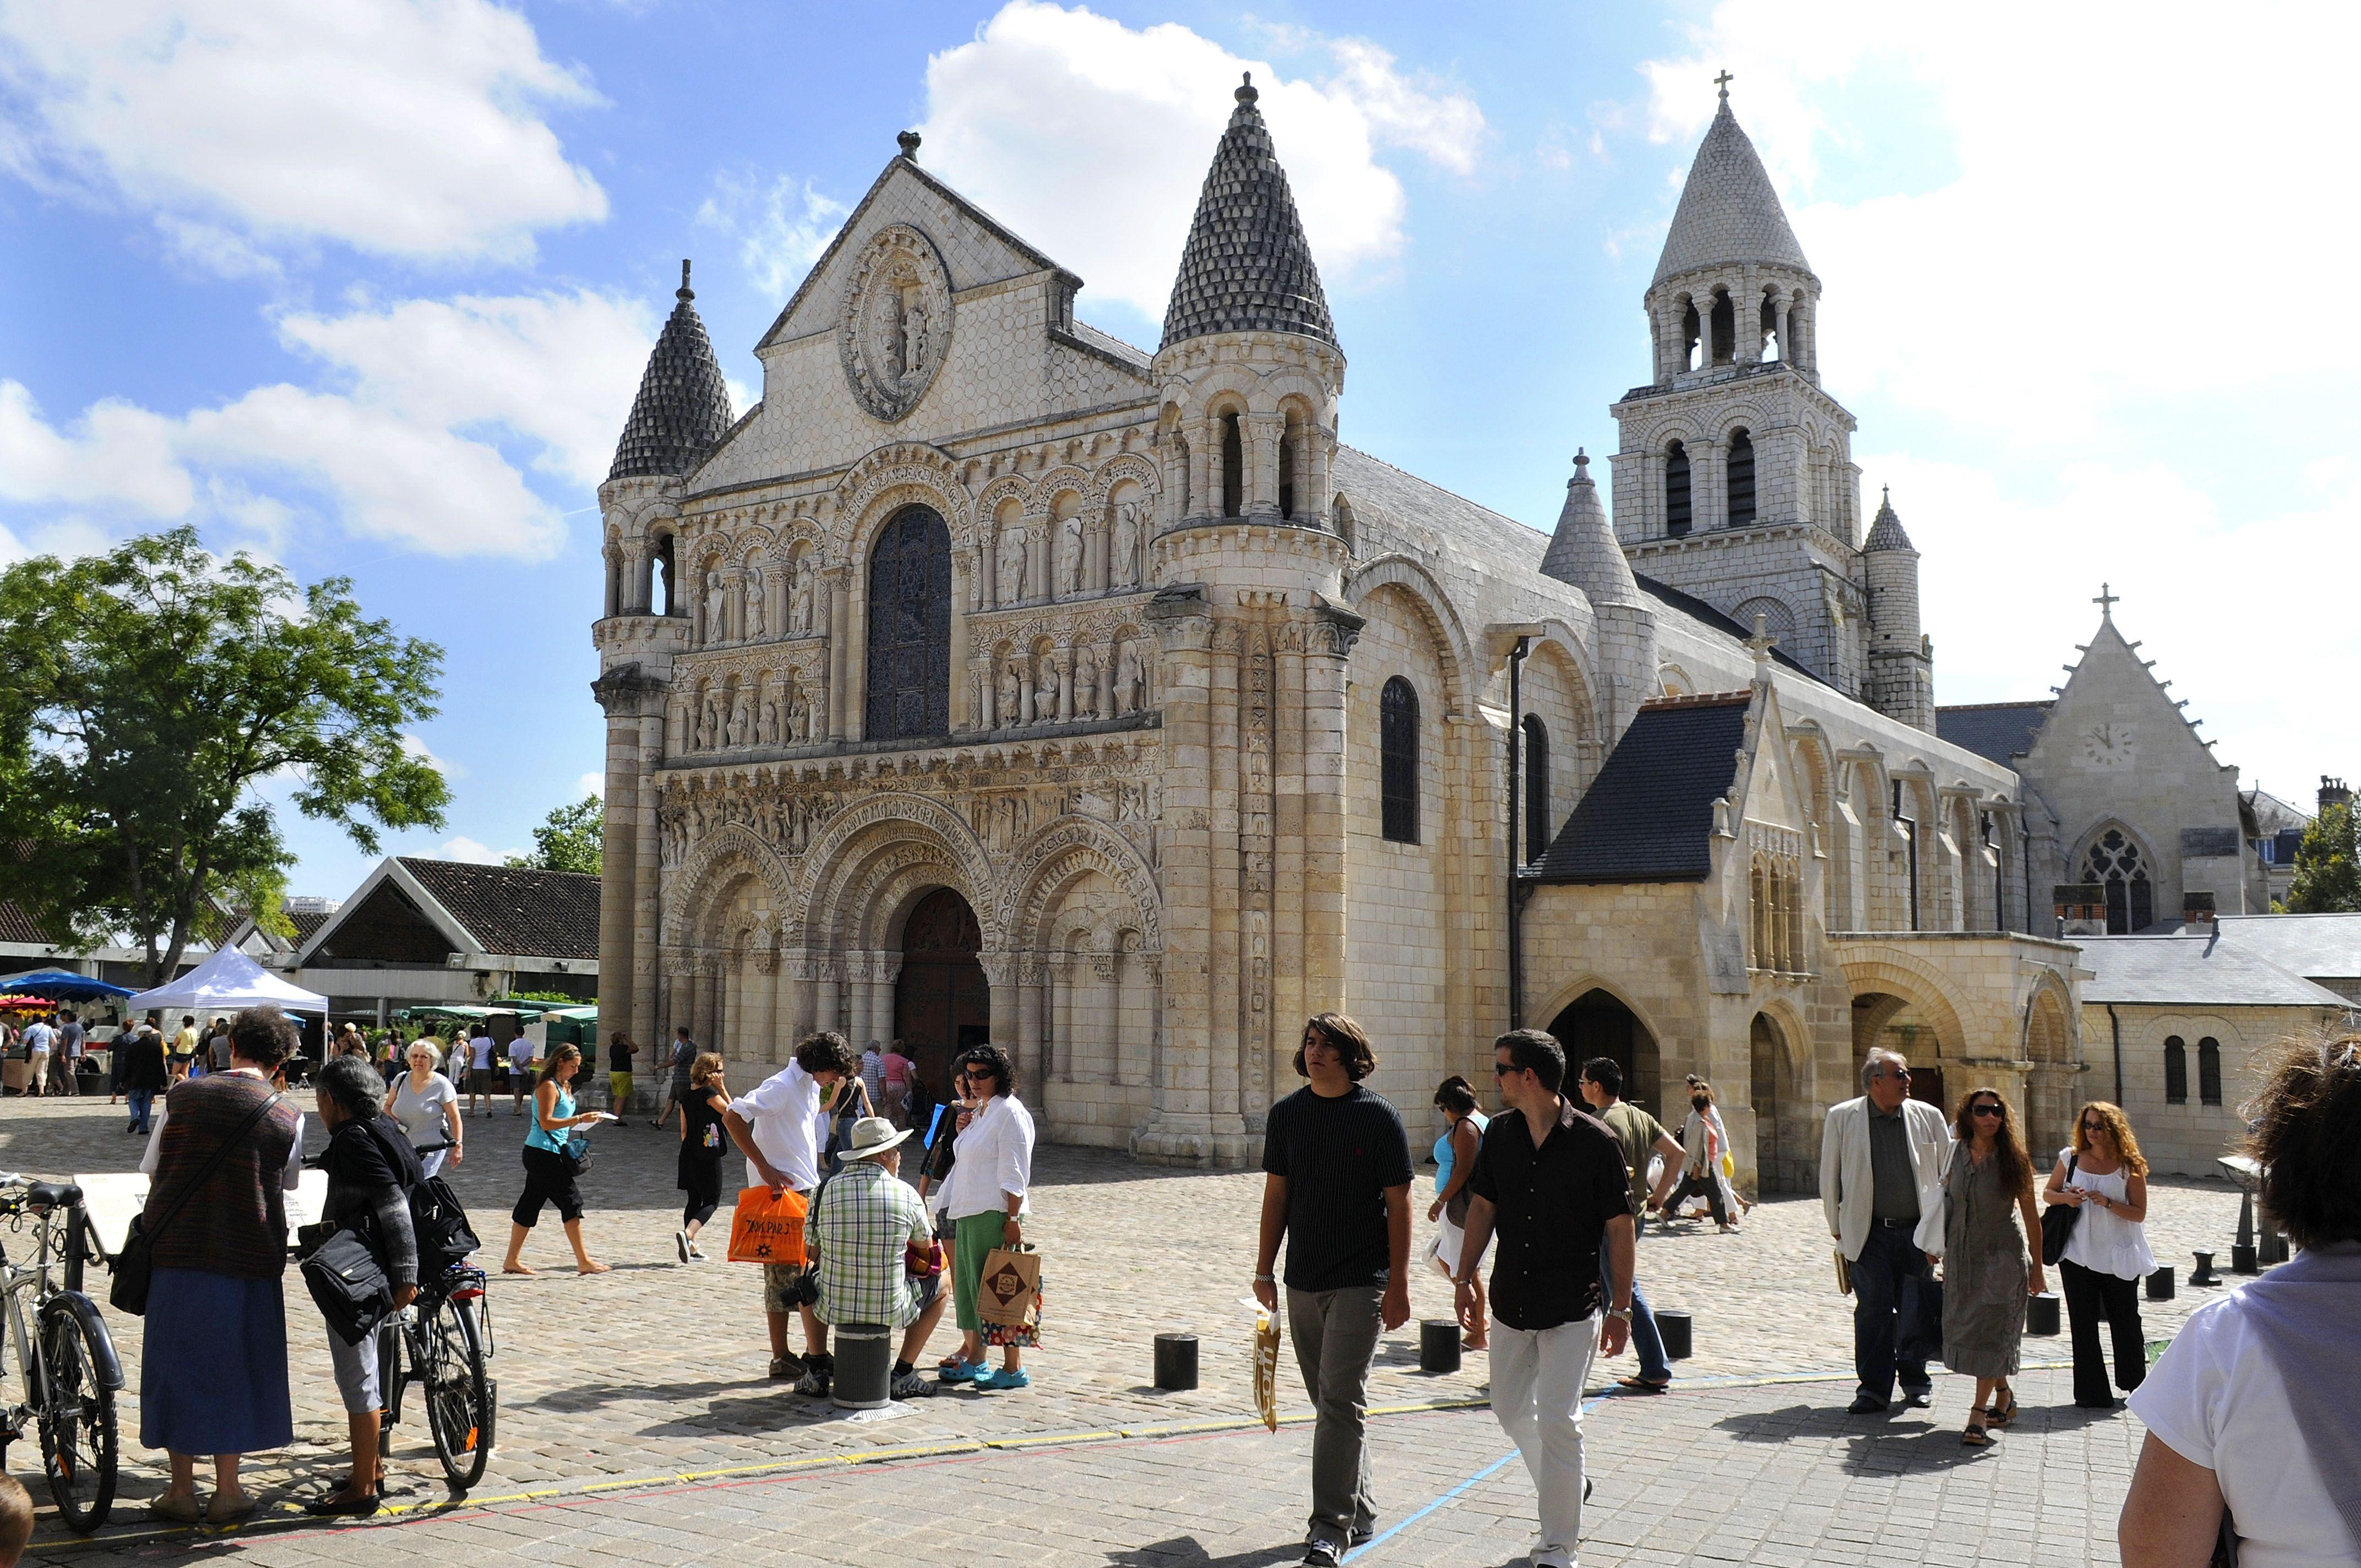 Poitiers,, 2000 anni di storia! #ViaggiFrancia #ViaggiCitta #CittaFrancia #Viaggi Poitiers